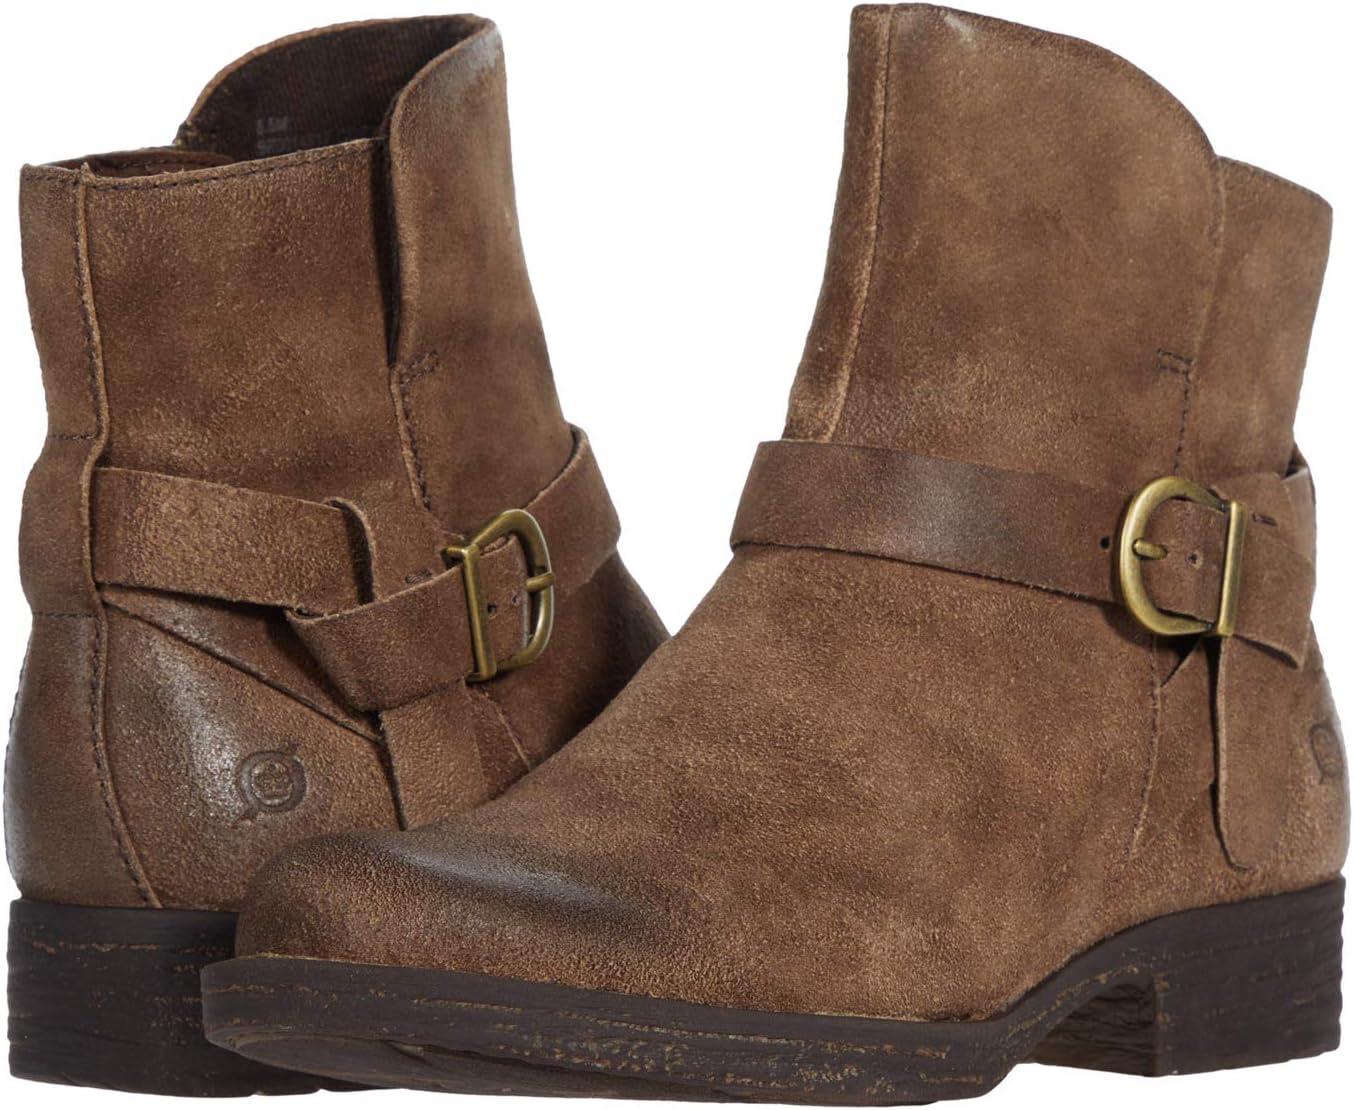 Born Shoes, Boots, Sandals \u0026 Flats